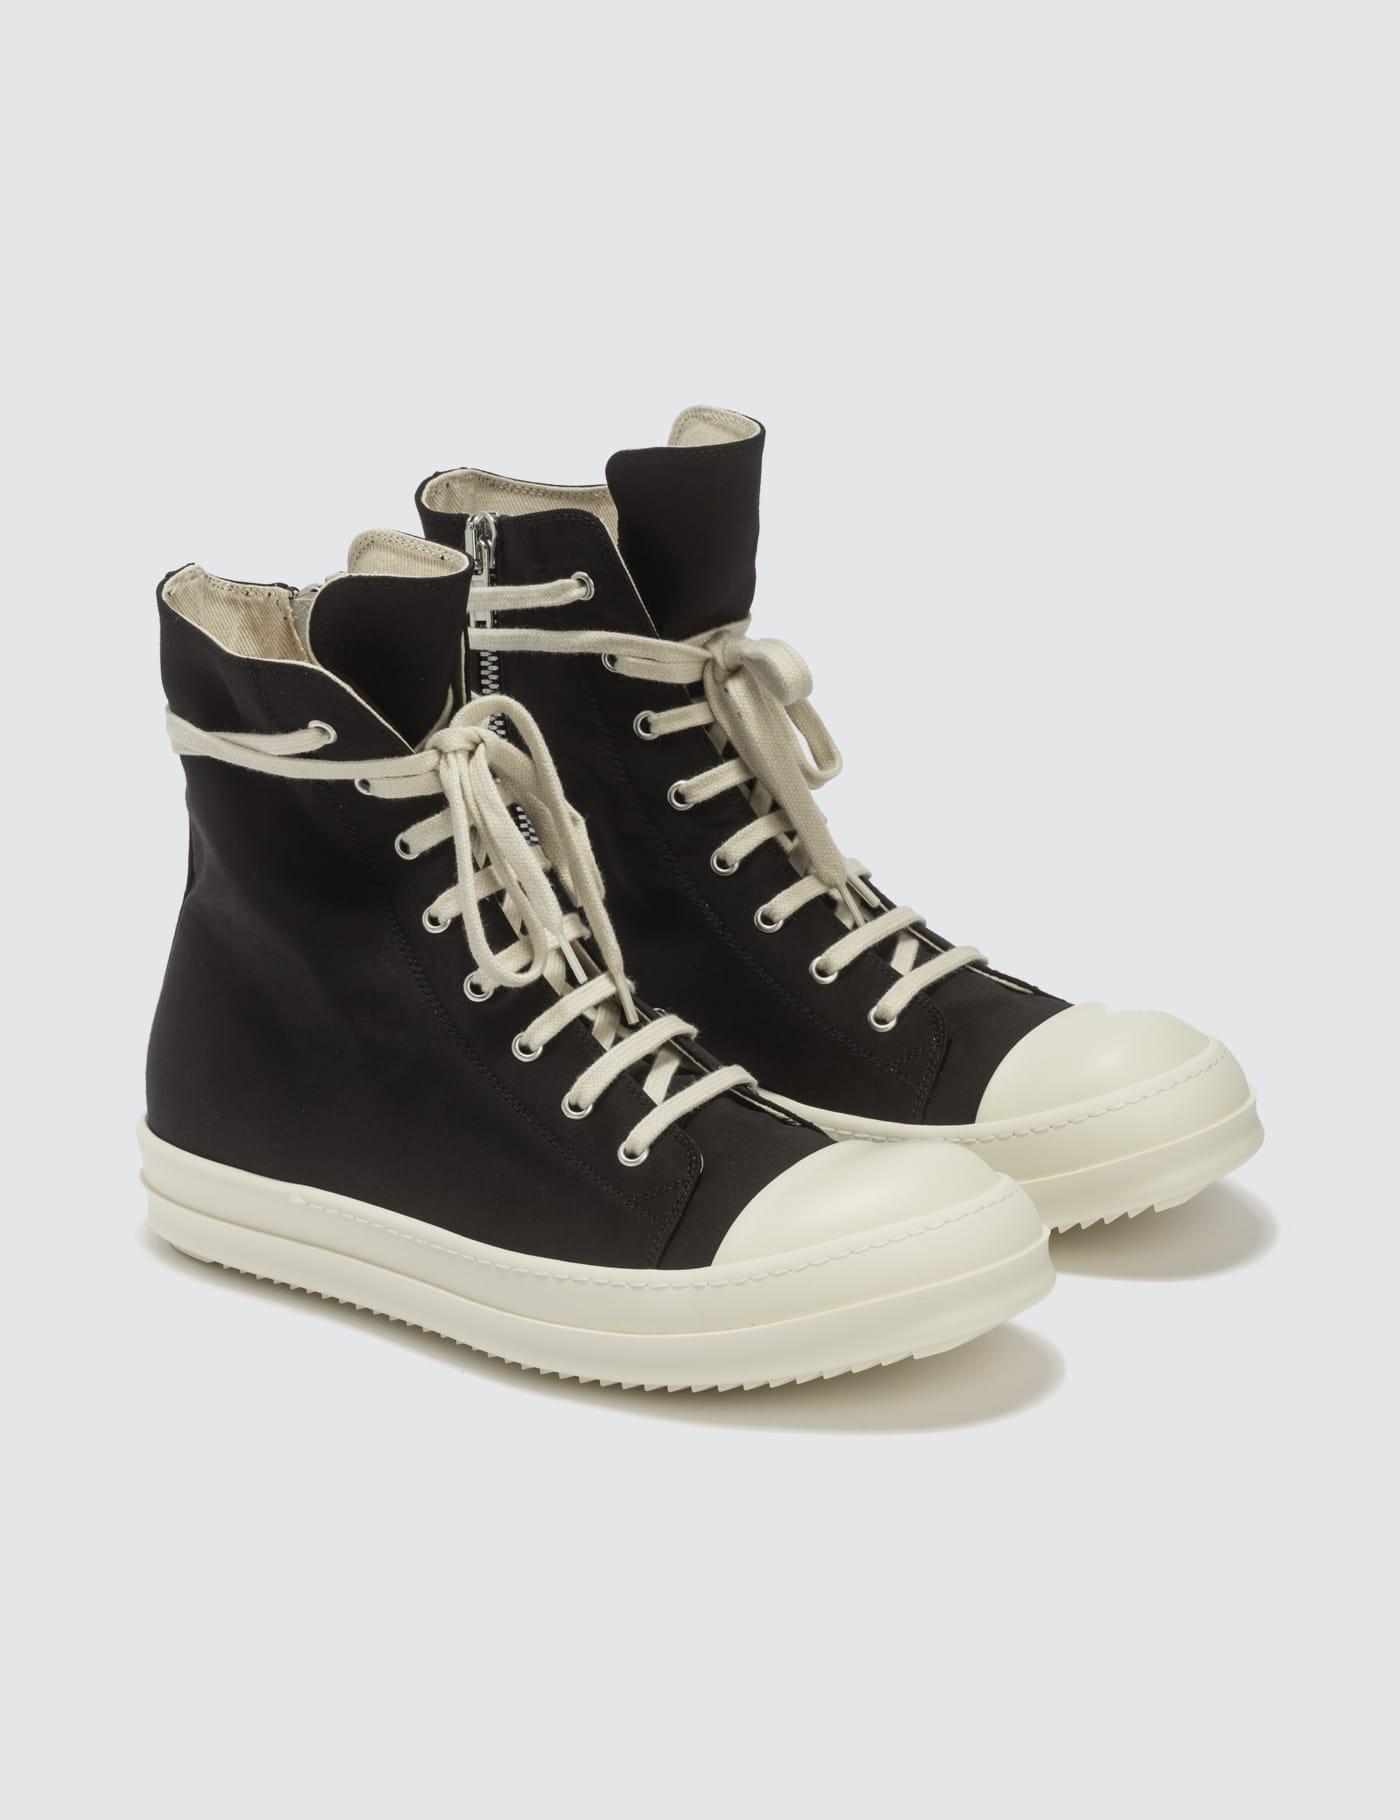 Rick Owens Drkshdw - Sneakers   HBX